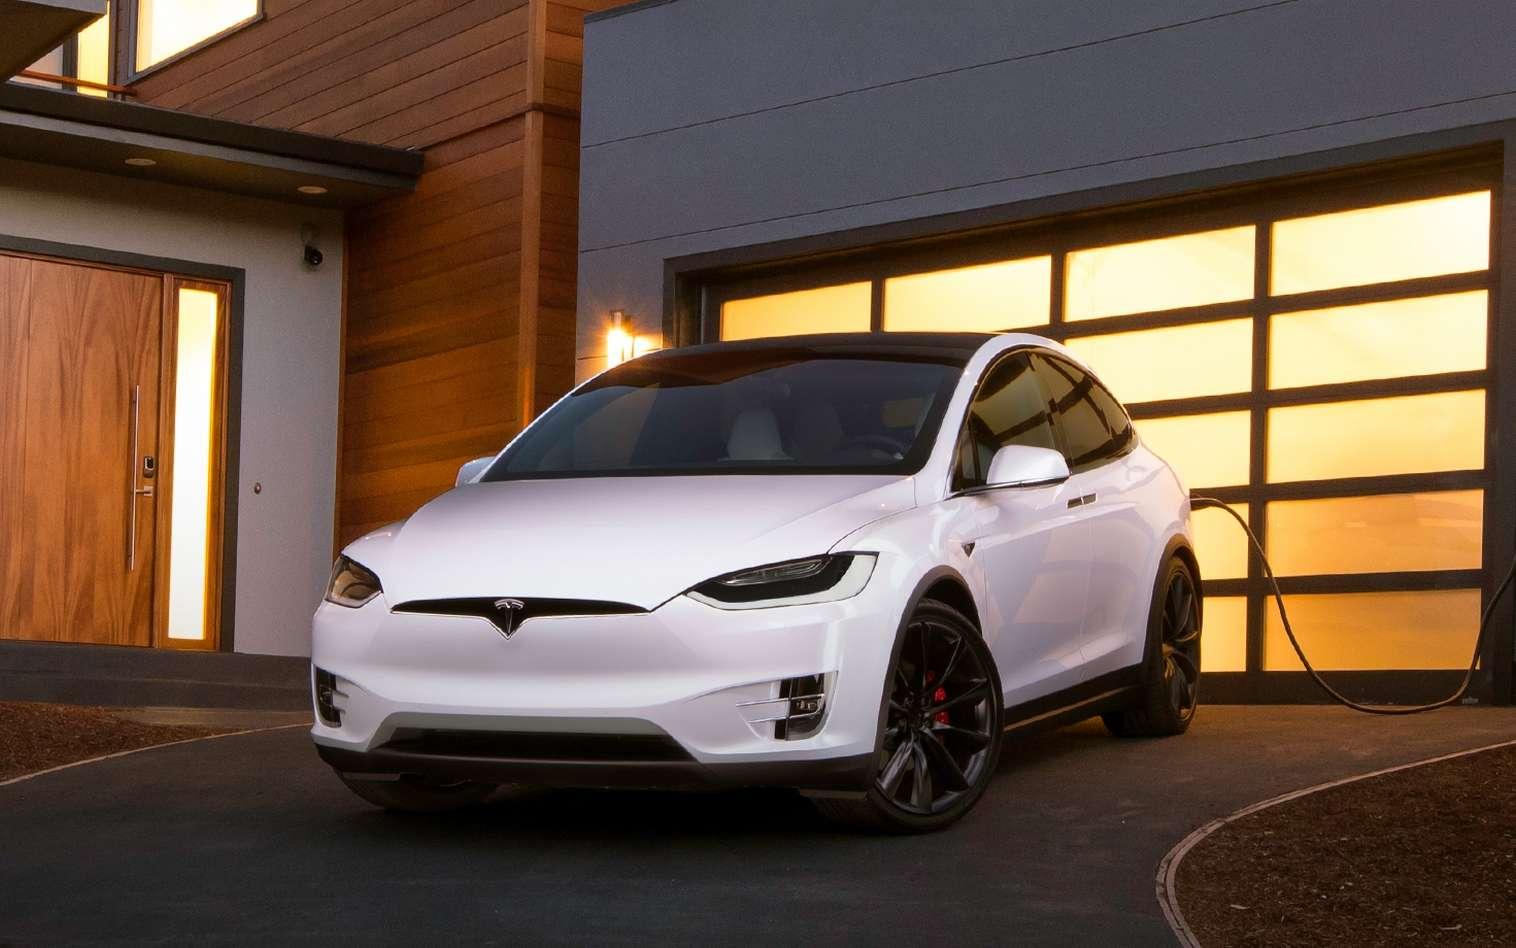 Le Vehicle to Grid, ou la restitution de l'énergie d'une voiture électrique dans le réseau, sera peut-être prochainement possible chez Tesla. © Tesla